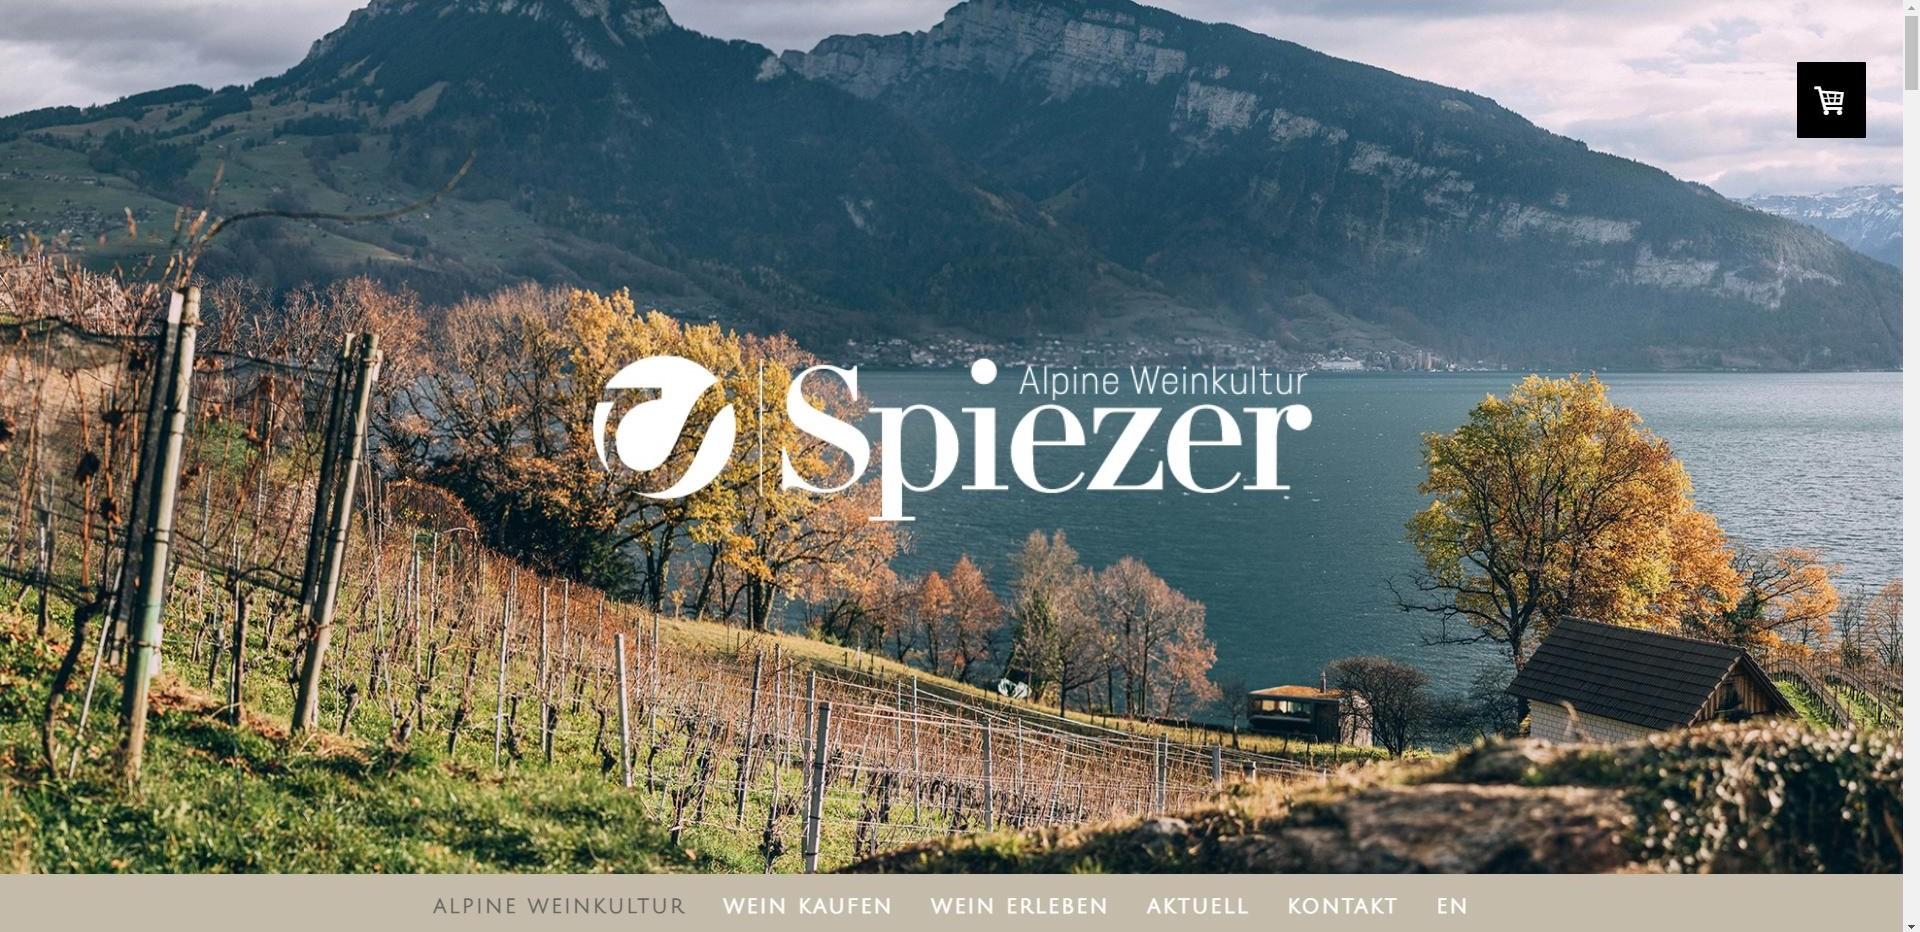 Alpine Weinkultur Einstiegsseite